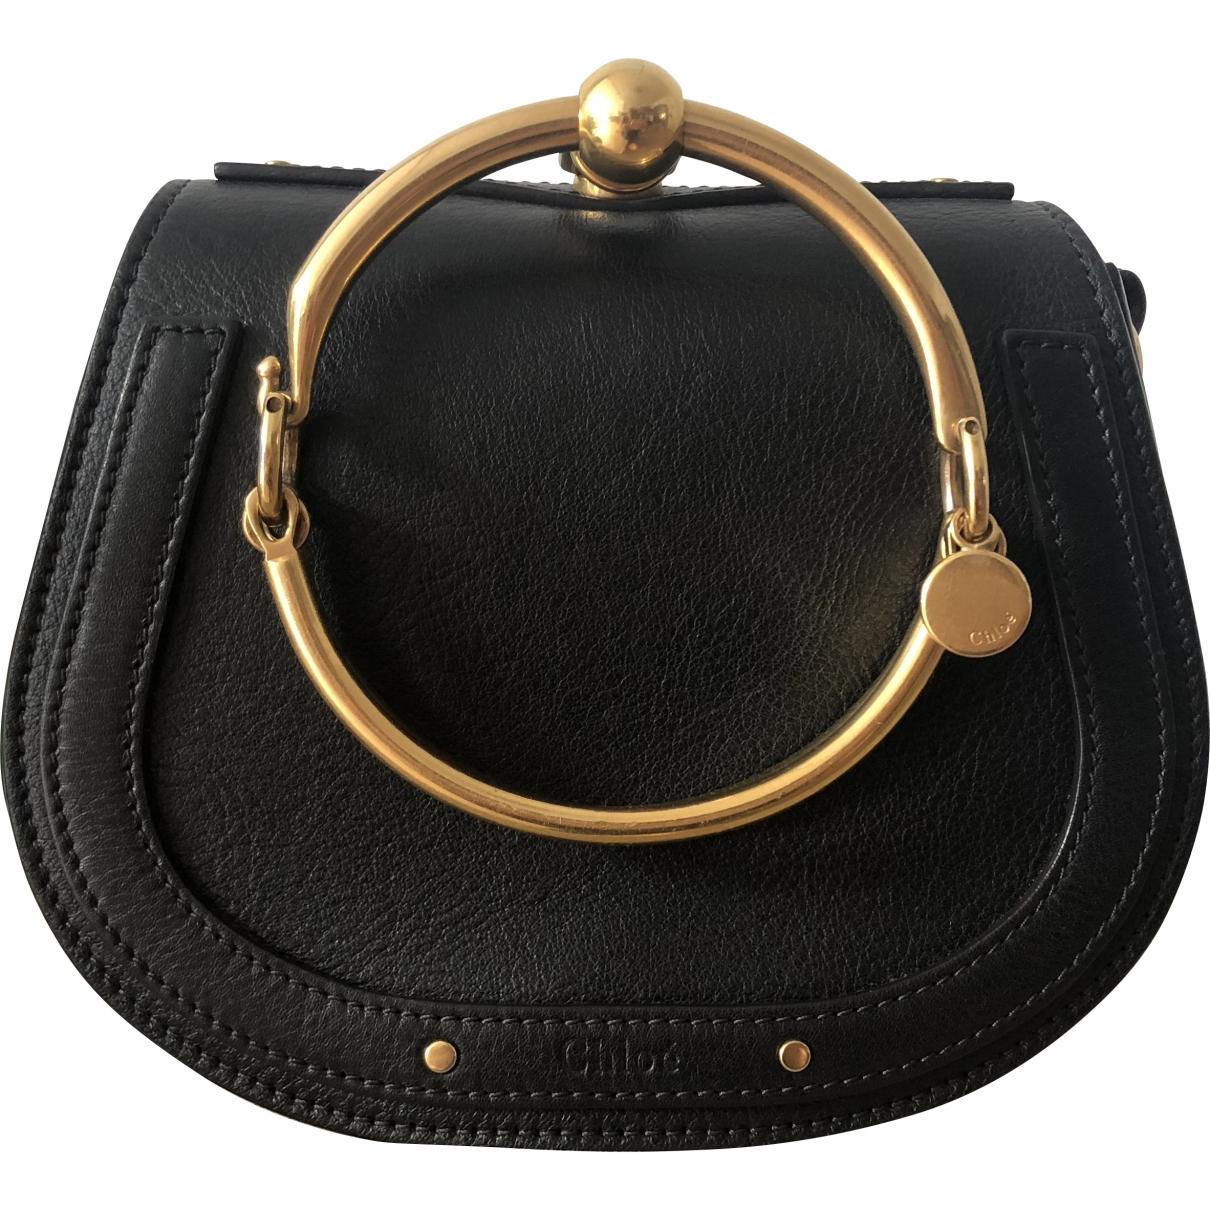 Chloe - Sac a main Bracelet Nile pour femme en cuir - noir